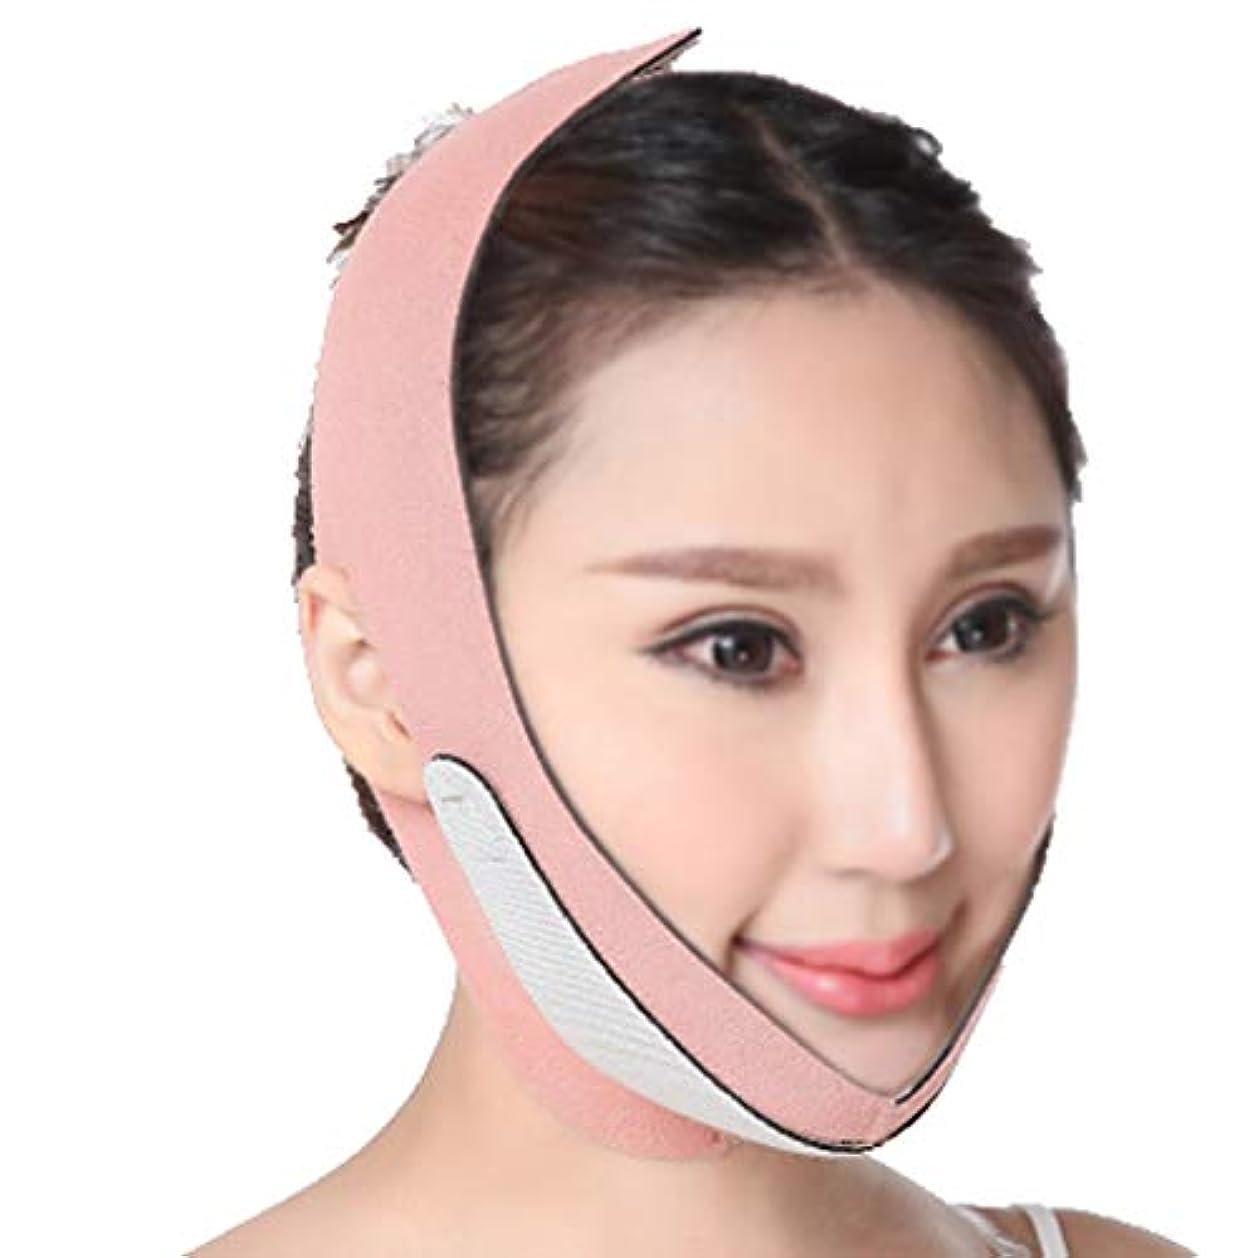 アーカイブ滅多咲く顔の痩身マスク痩身包帯通気性フェイシャルダブルチンケア減量フェイスベルト